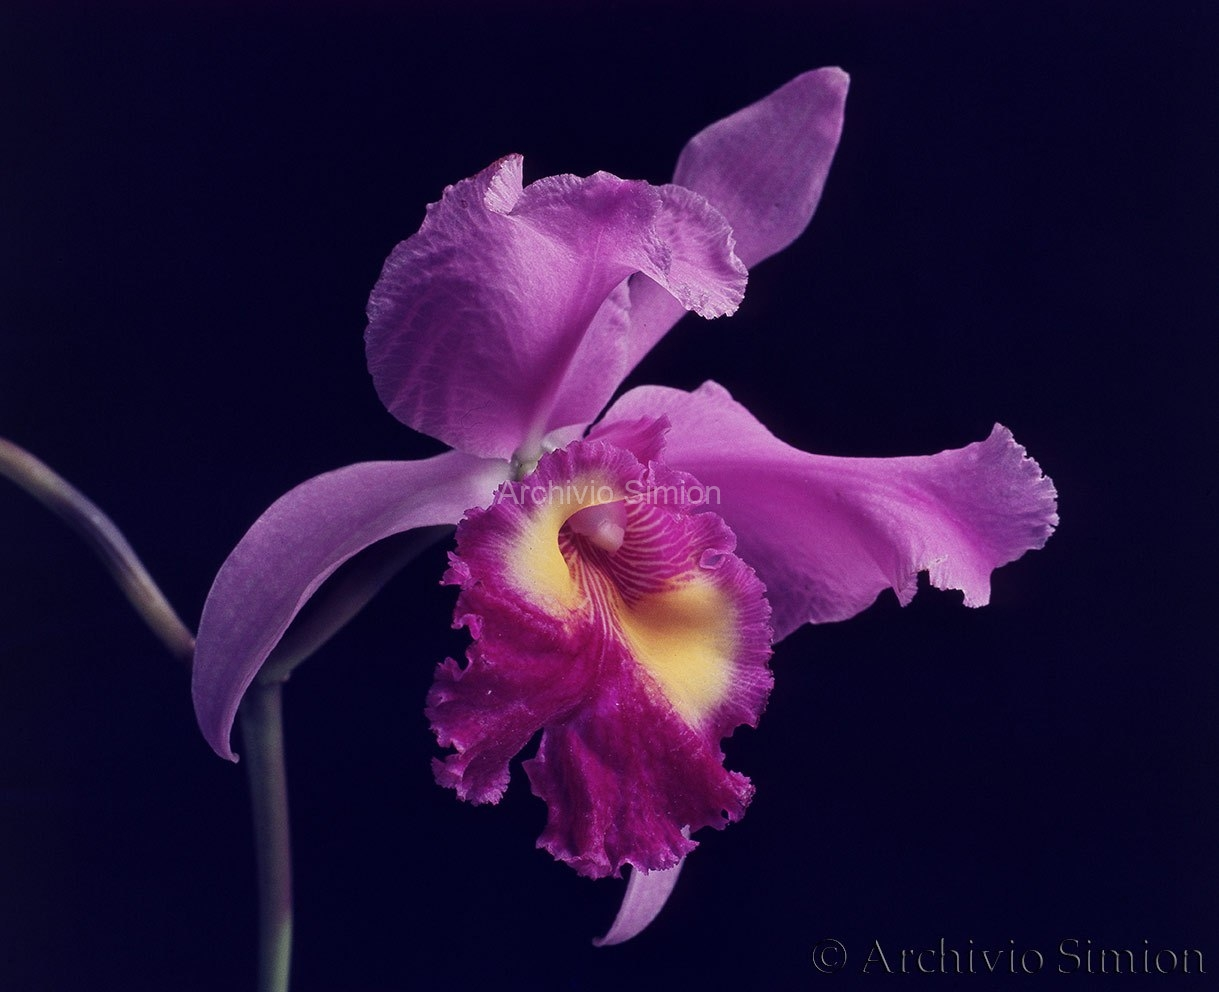 Botanica-fiori-72